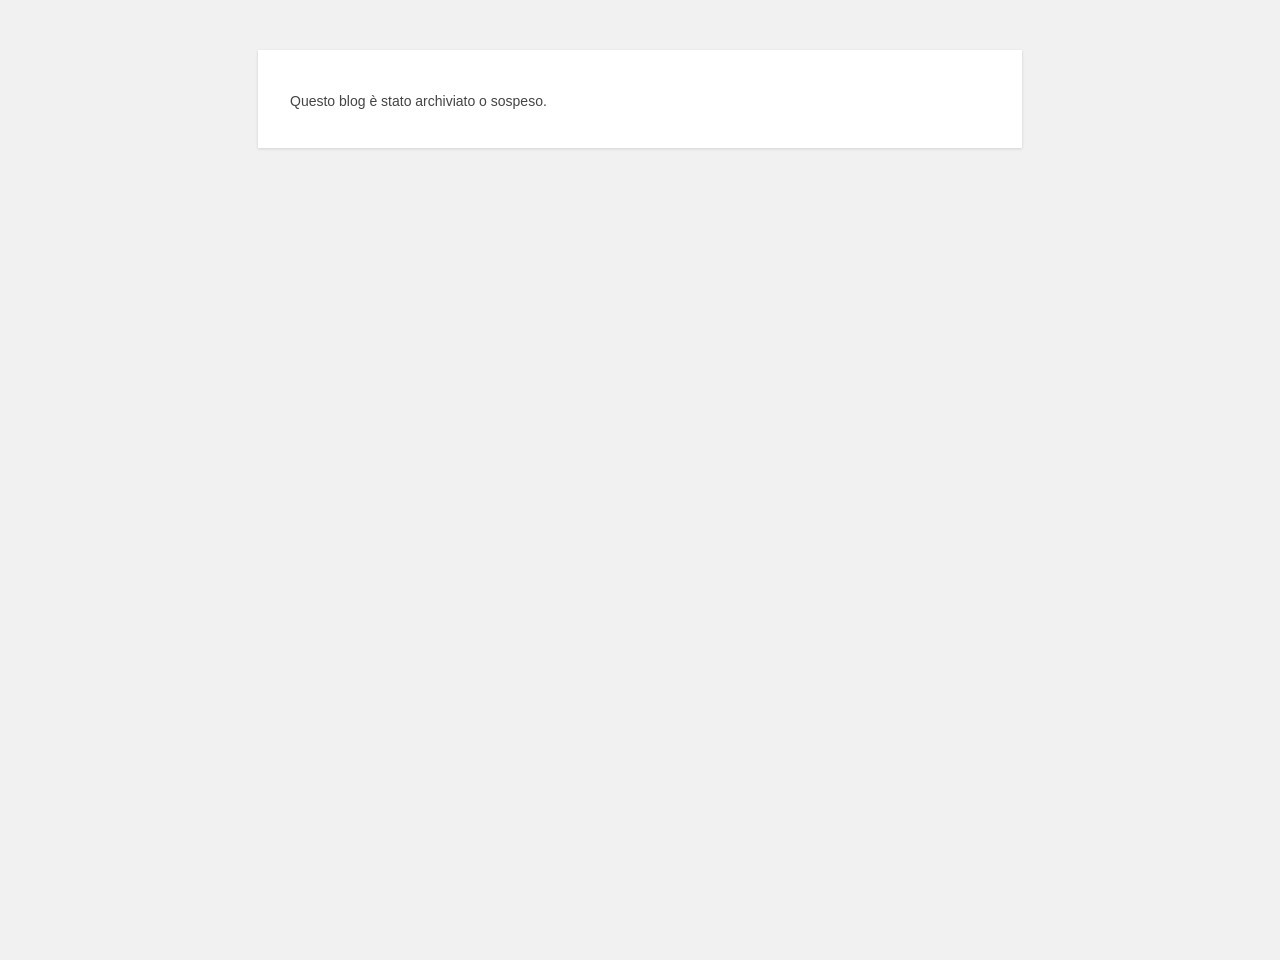 mq-servizi-immobili-a-milano